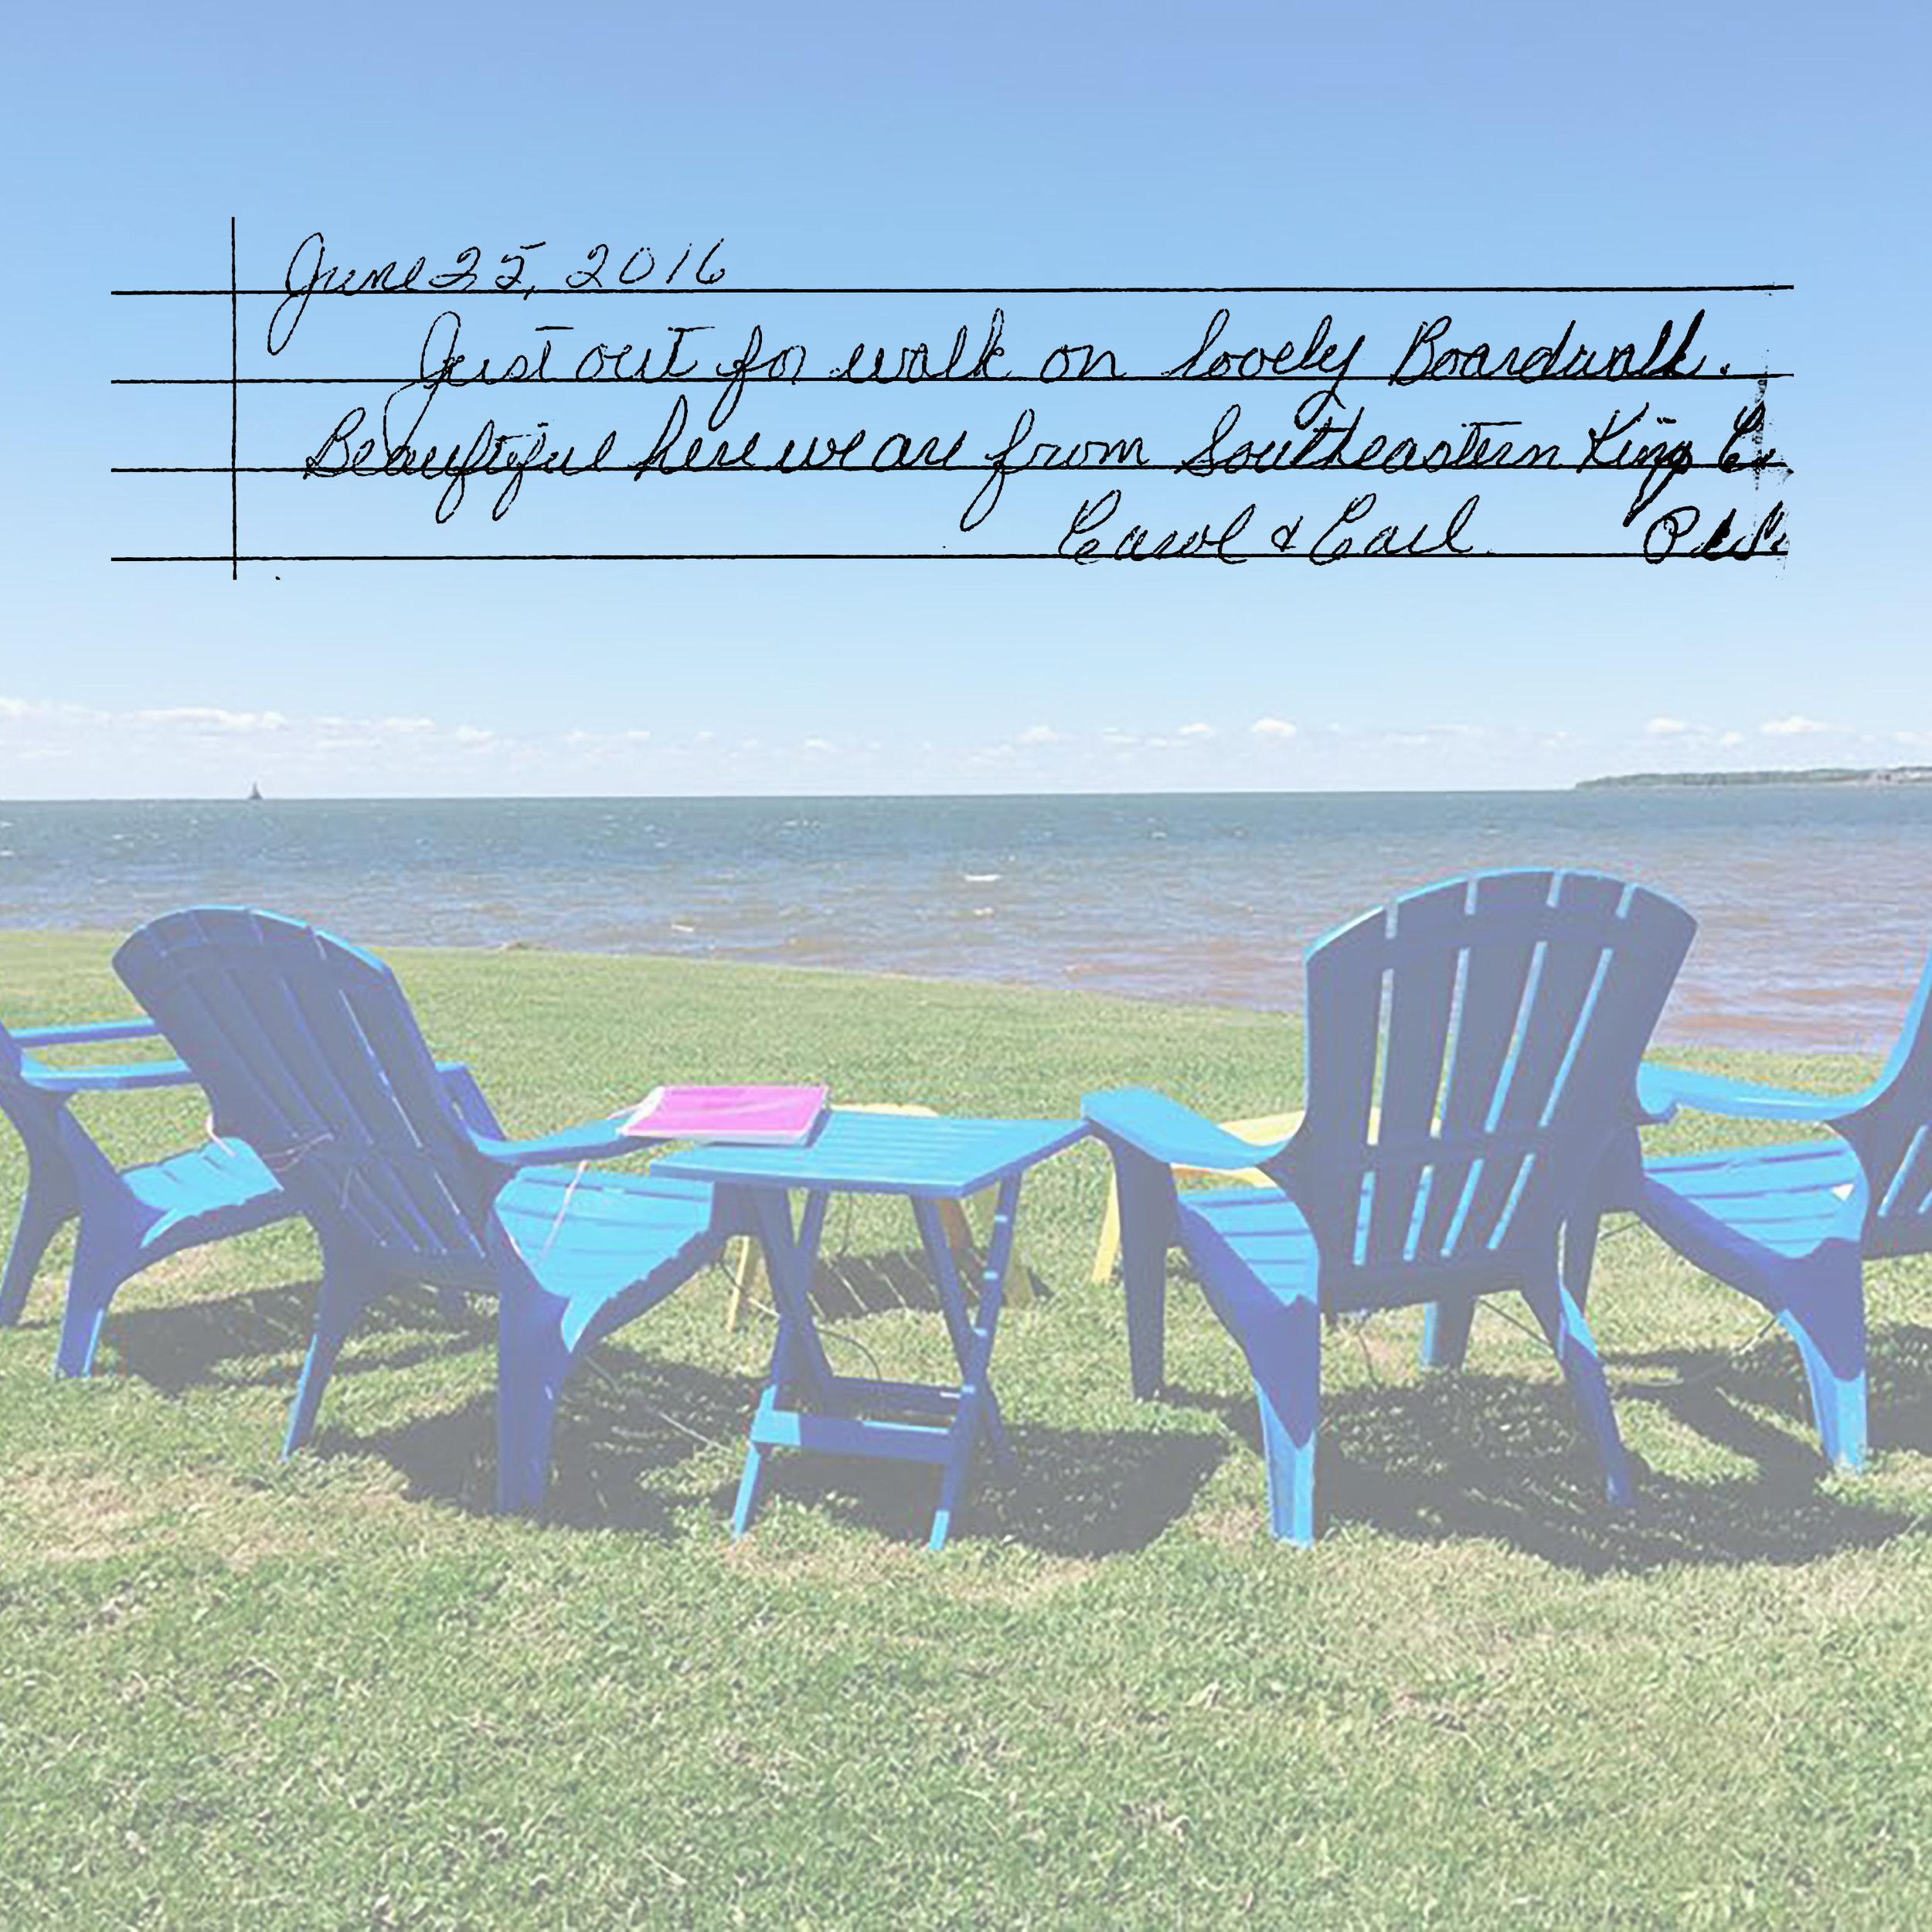 160627_Chairs 5.jpg